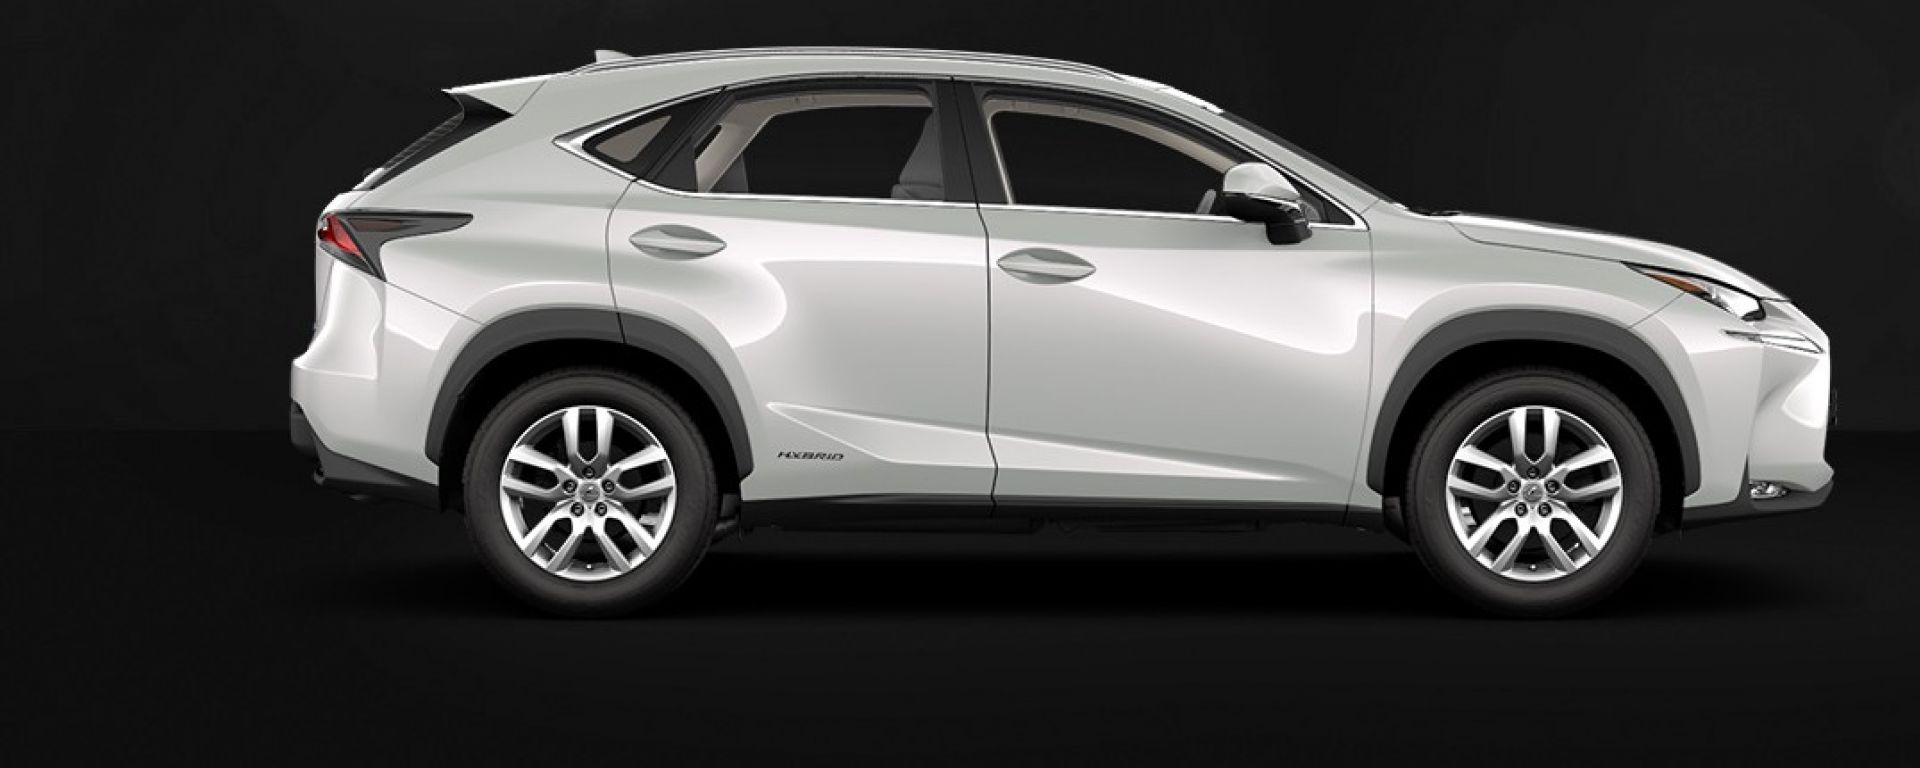 Lexus NX Hybrid Icon, il nuovo allestimento del crossover ibrido giapponese